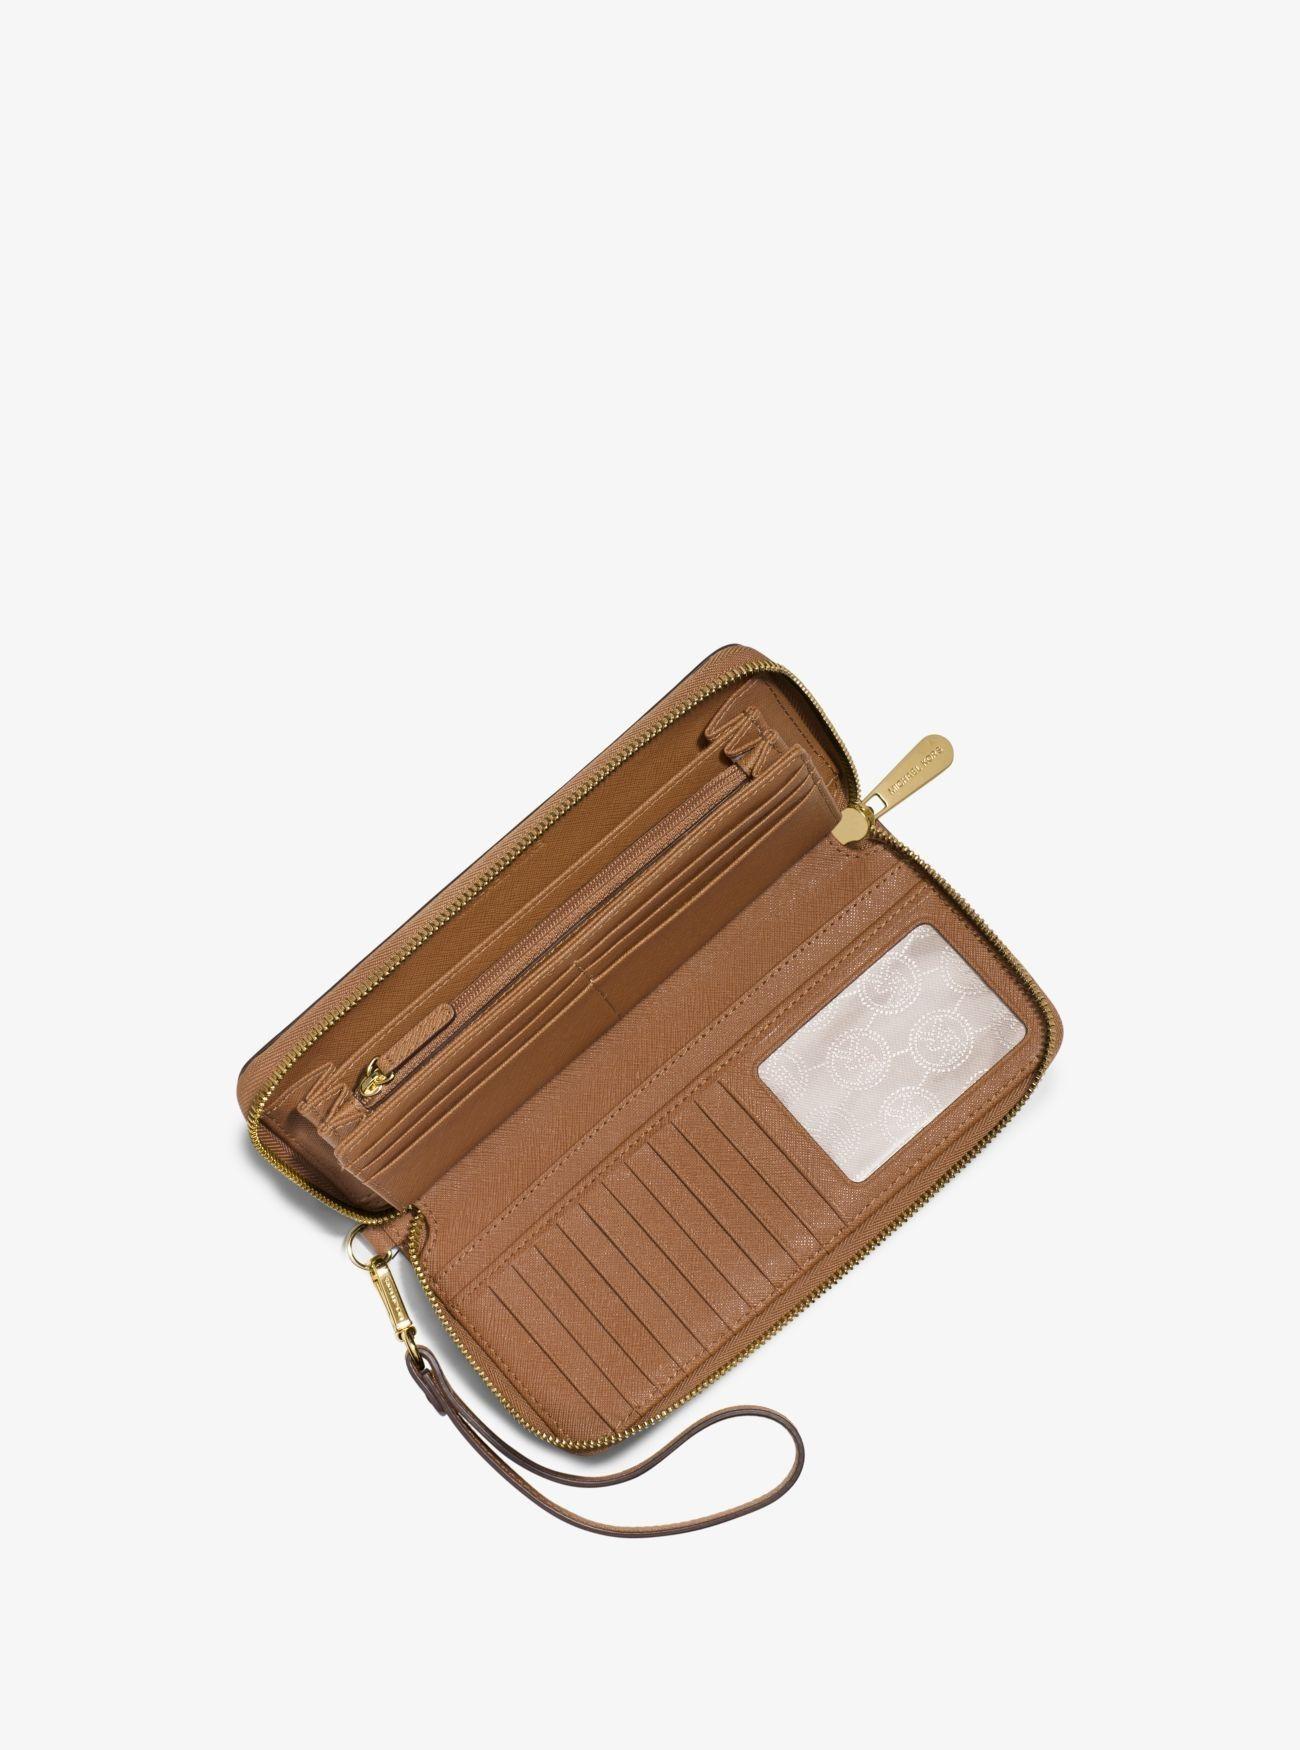 937799c2c643 Online Michael Kors Acorn1 Jet Set Travel Leather Continental Wristlet Cheap